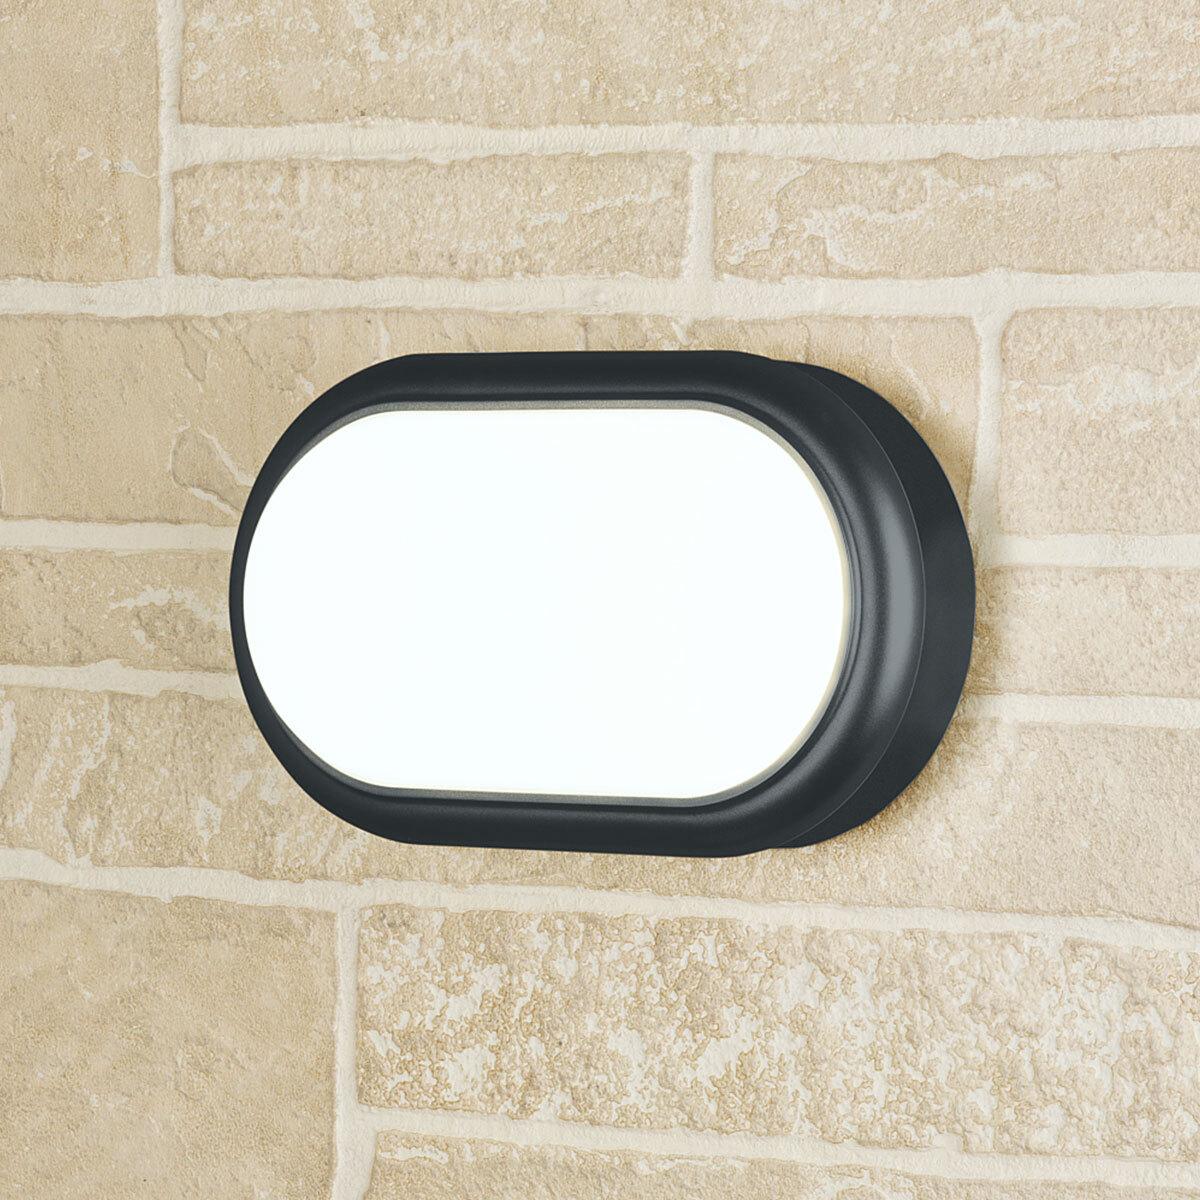 LTB05 / Светильник стационарный светодиодный LED 18W Forssa черный